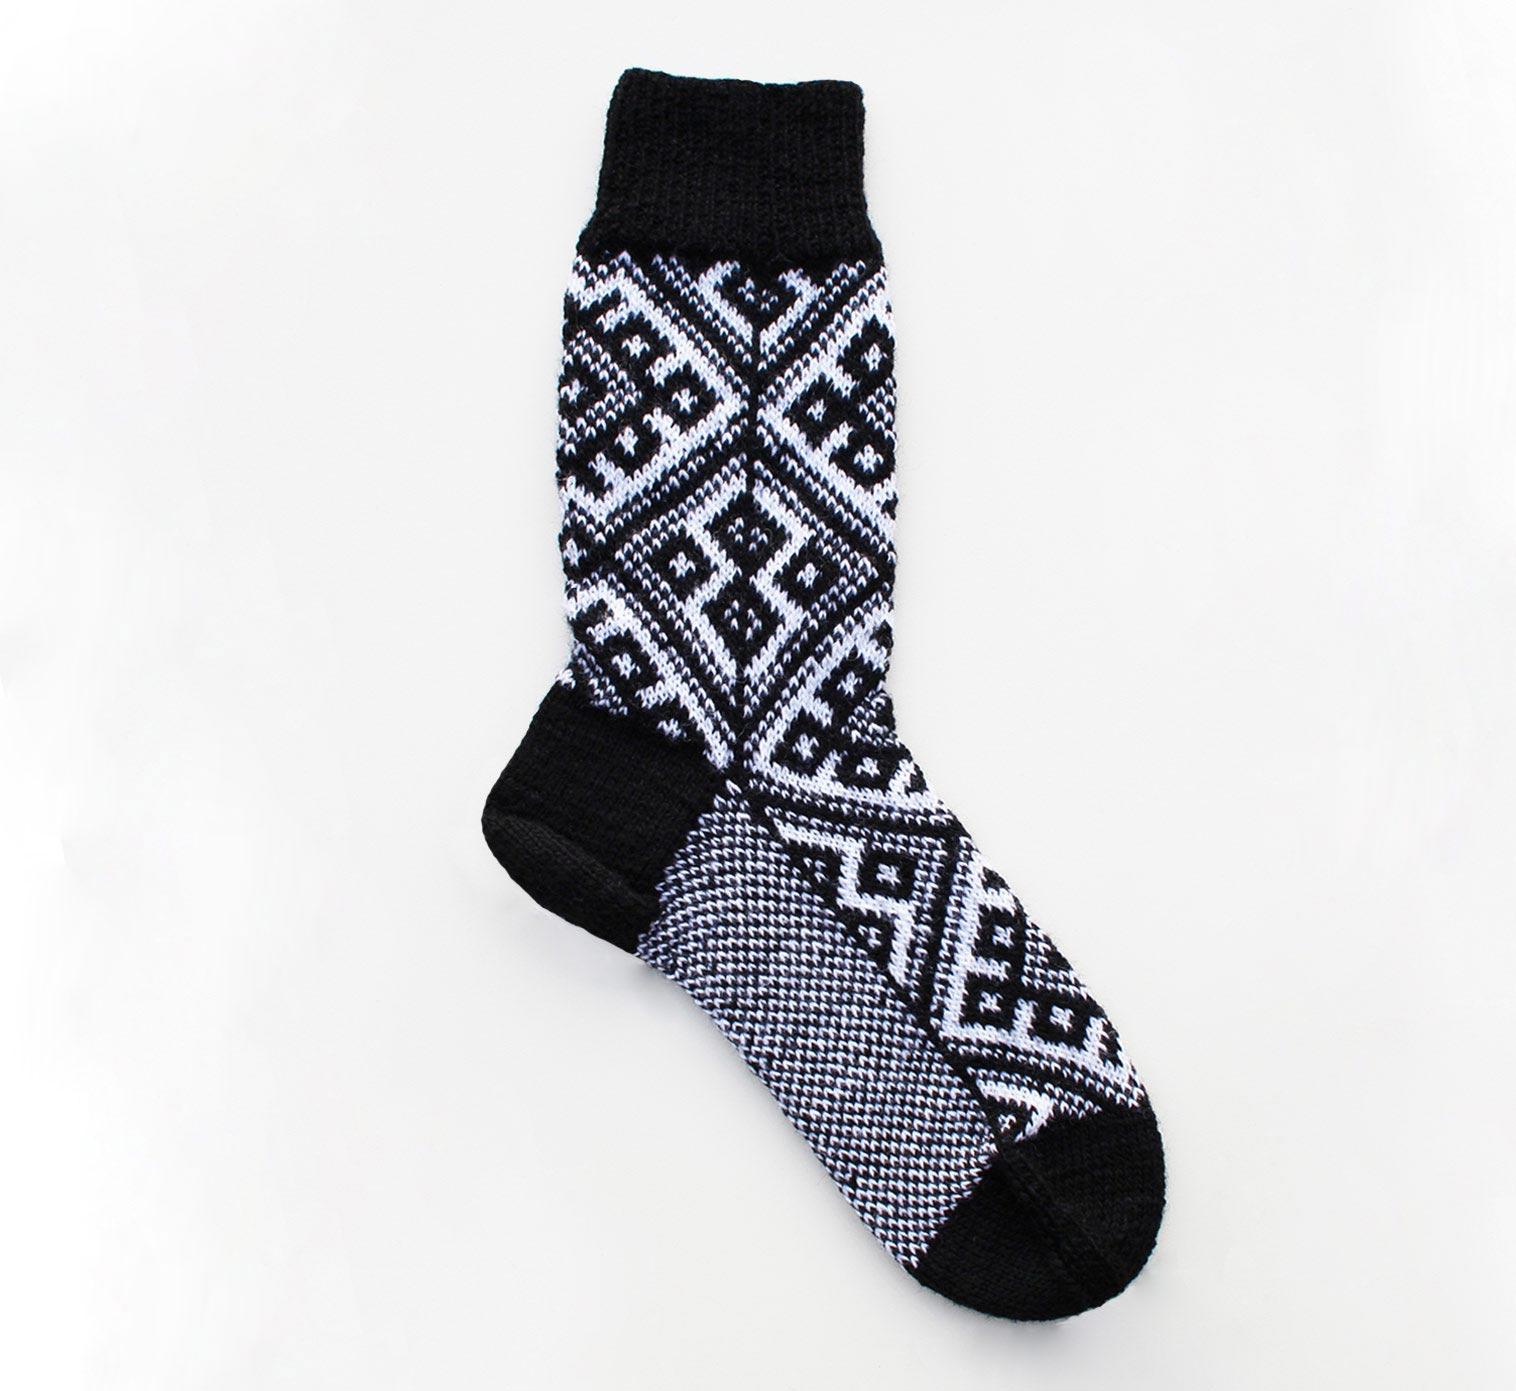 Kostenlose Strickanleitung für Norweger-Socken im Fair Isle-Strickmuster.